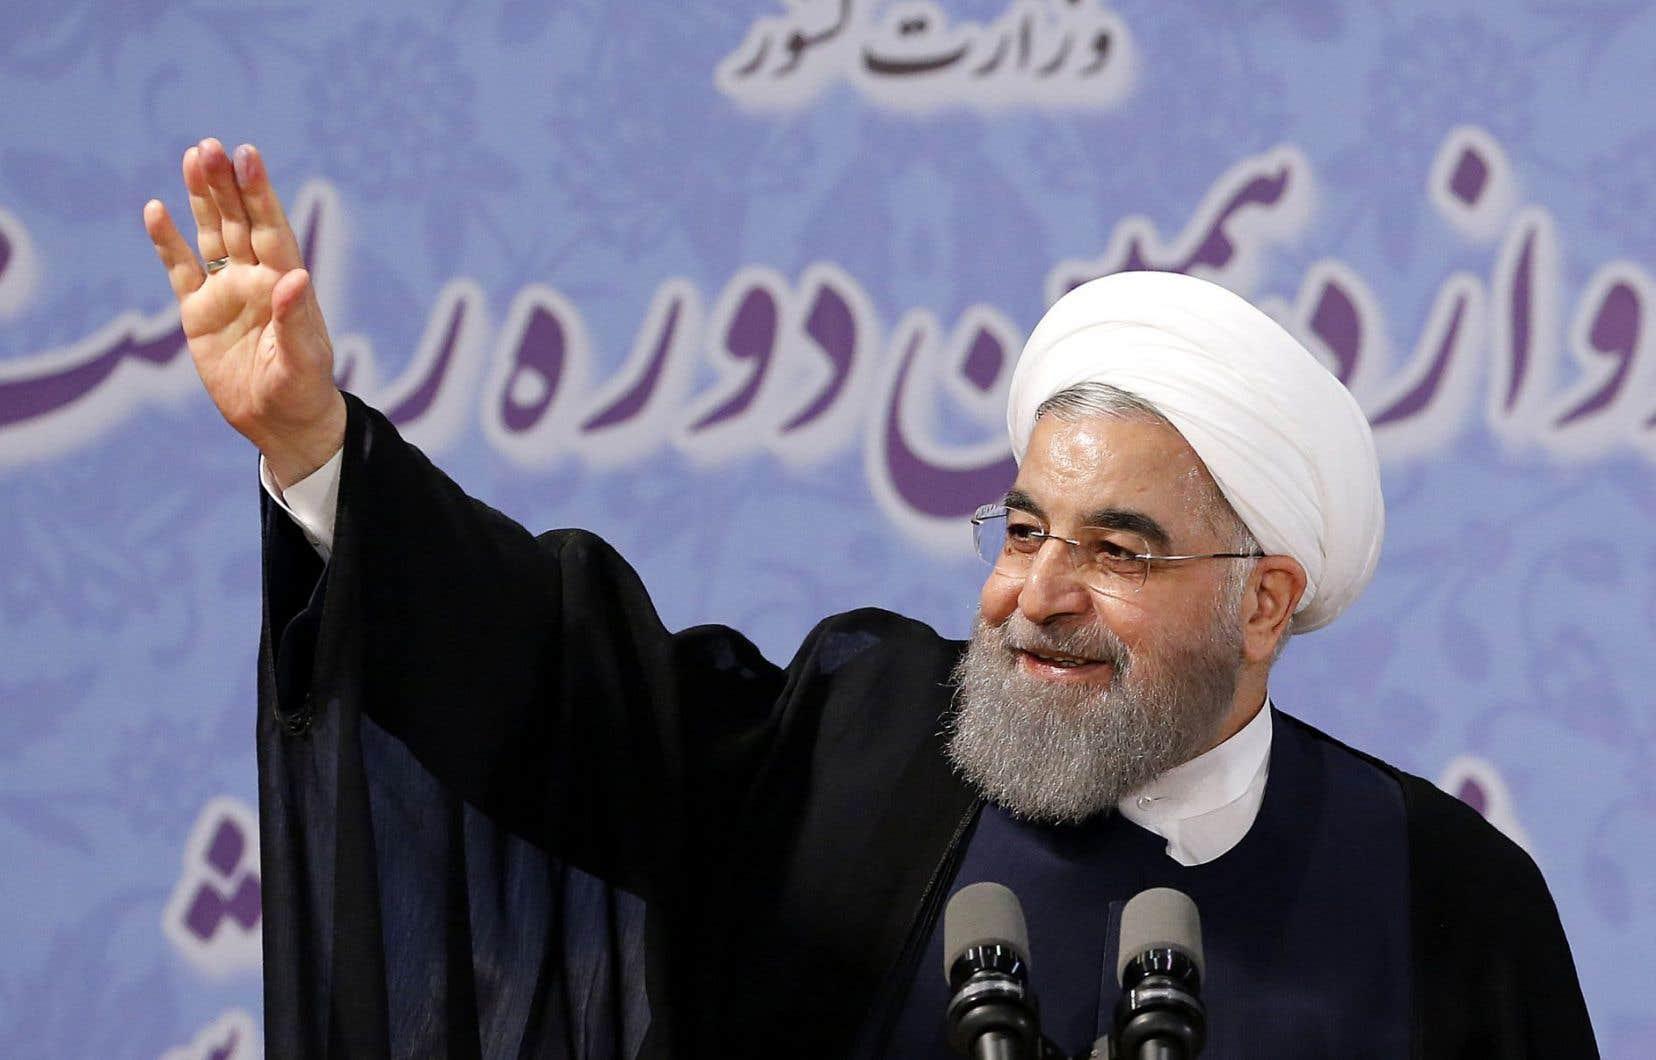 Le président Hassan Rohani aura fort à faire pour défendre son bilan, qui apparaît mitigé à de nombreux Iraniens, notamment sur les plans économique et social.